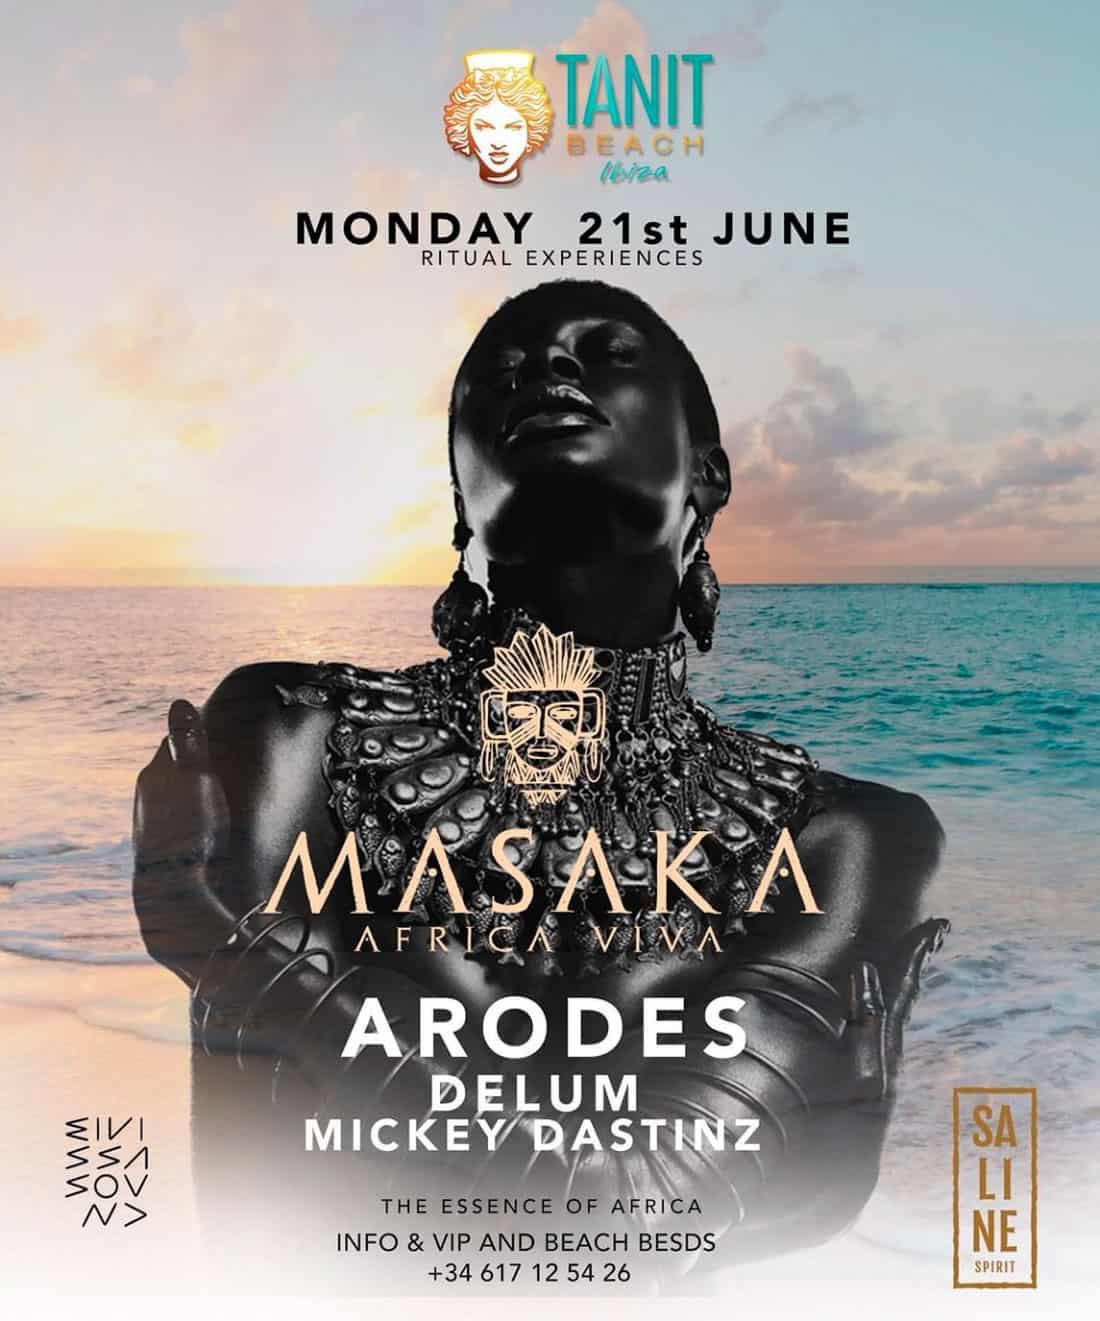 Masaka-africa-viva-Tanit-beach-Eivissa-2021-welcometoibiza